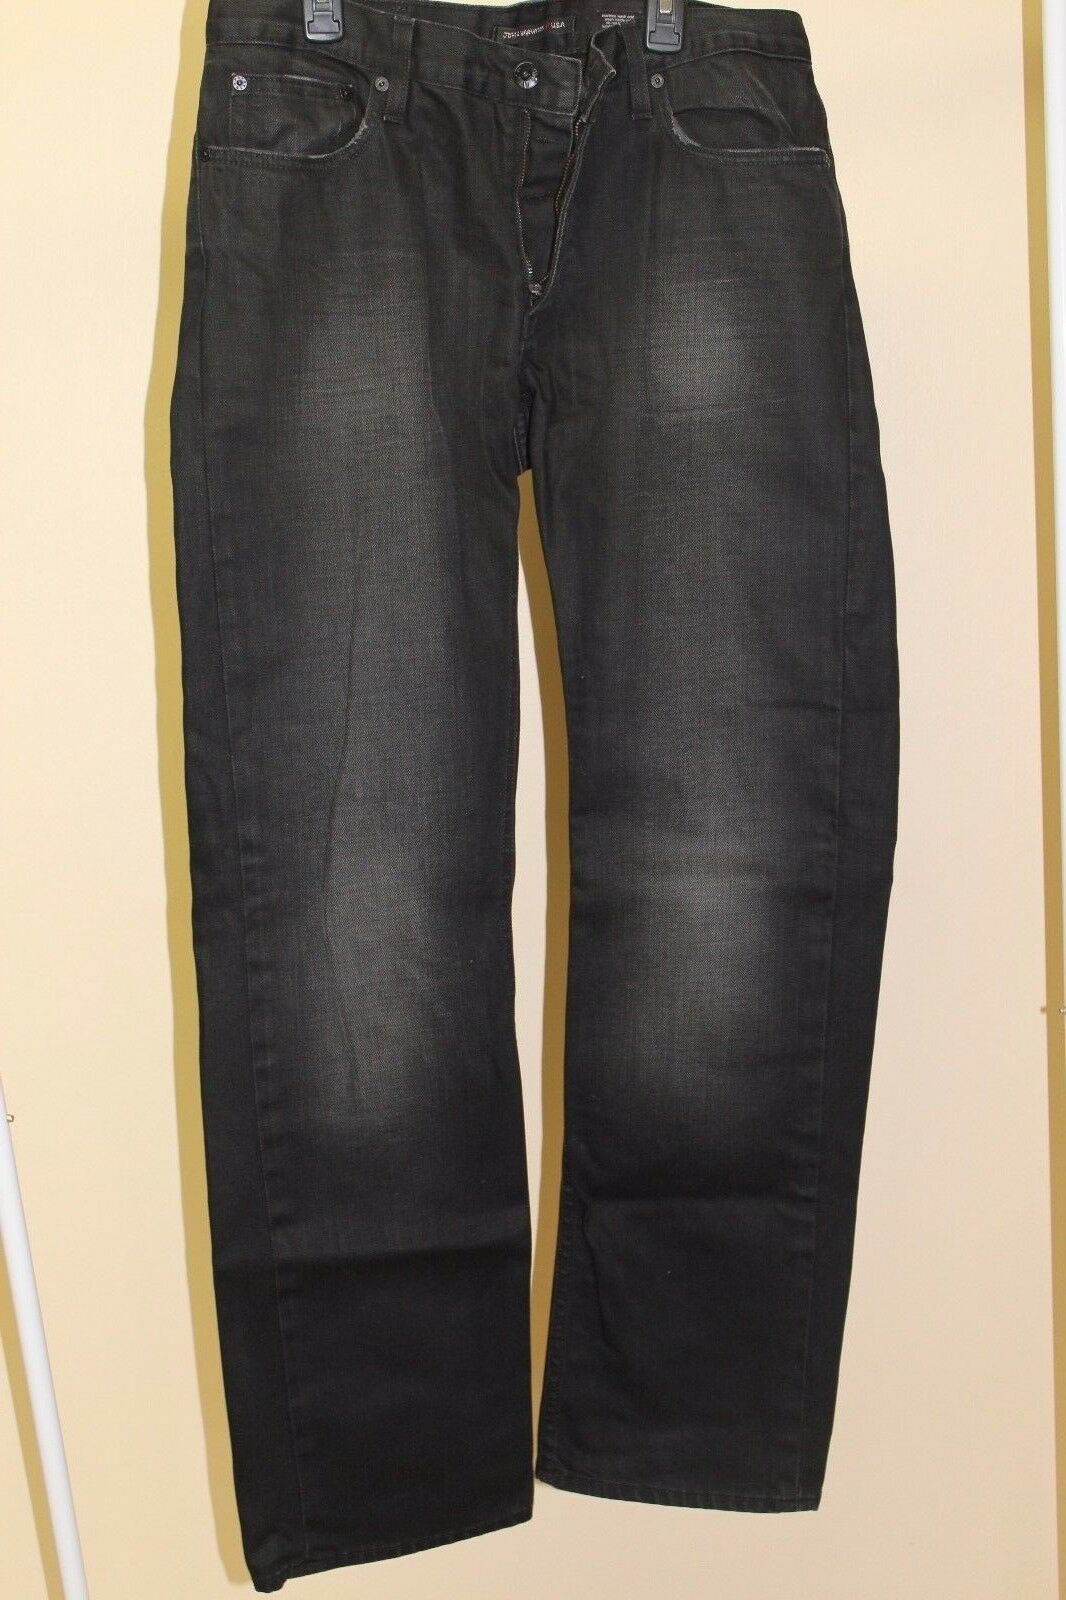 John Varvatos U.S.A Jeans 33